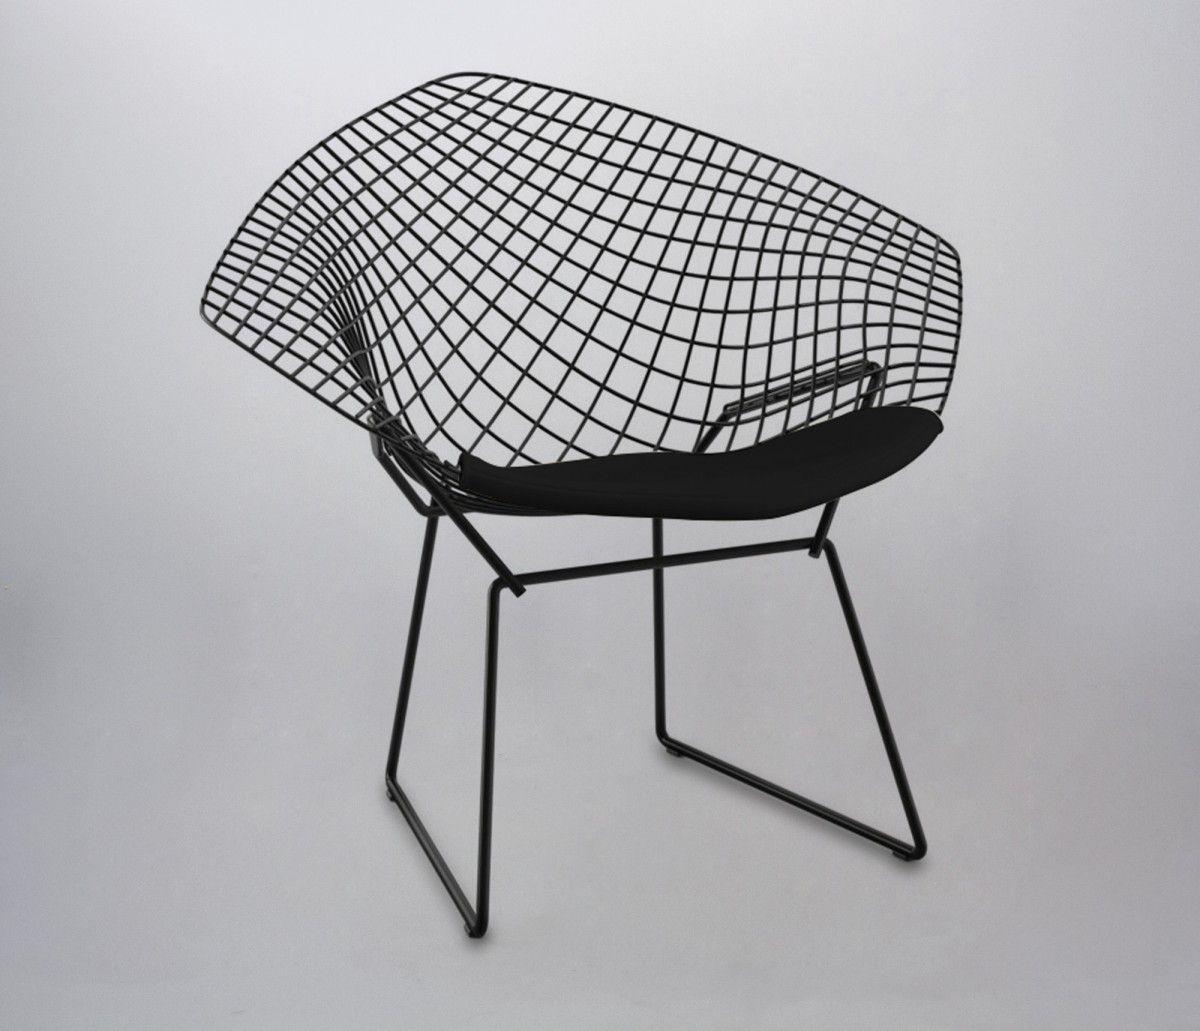 Silla Replica Bertoia Diamond - Negra - Sillas - Sentarse - Muebles ...